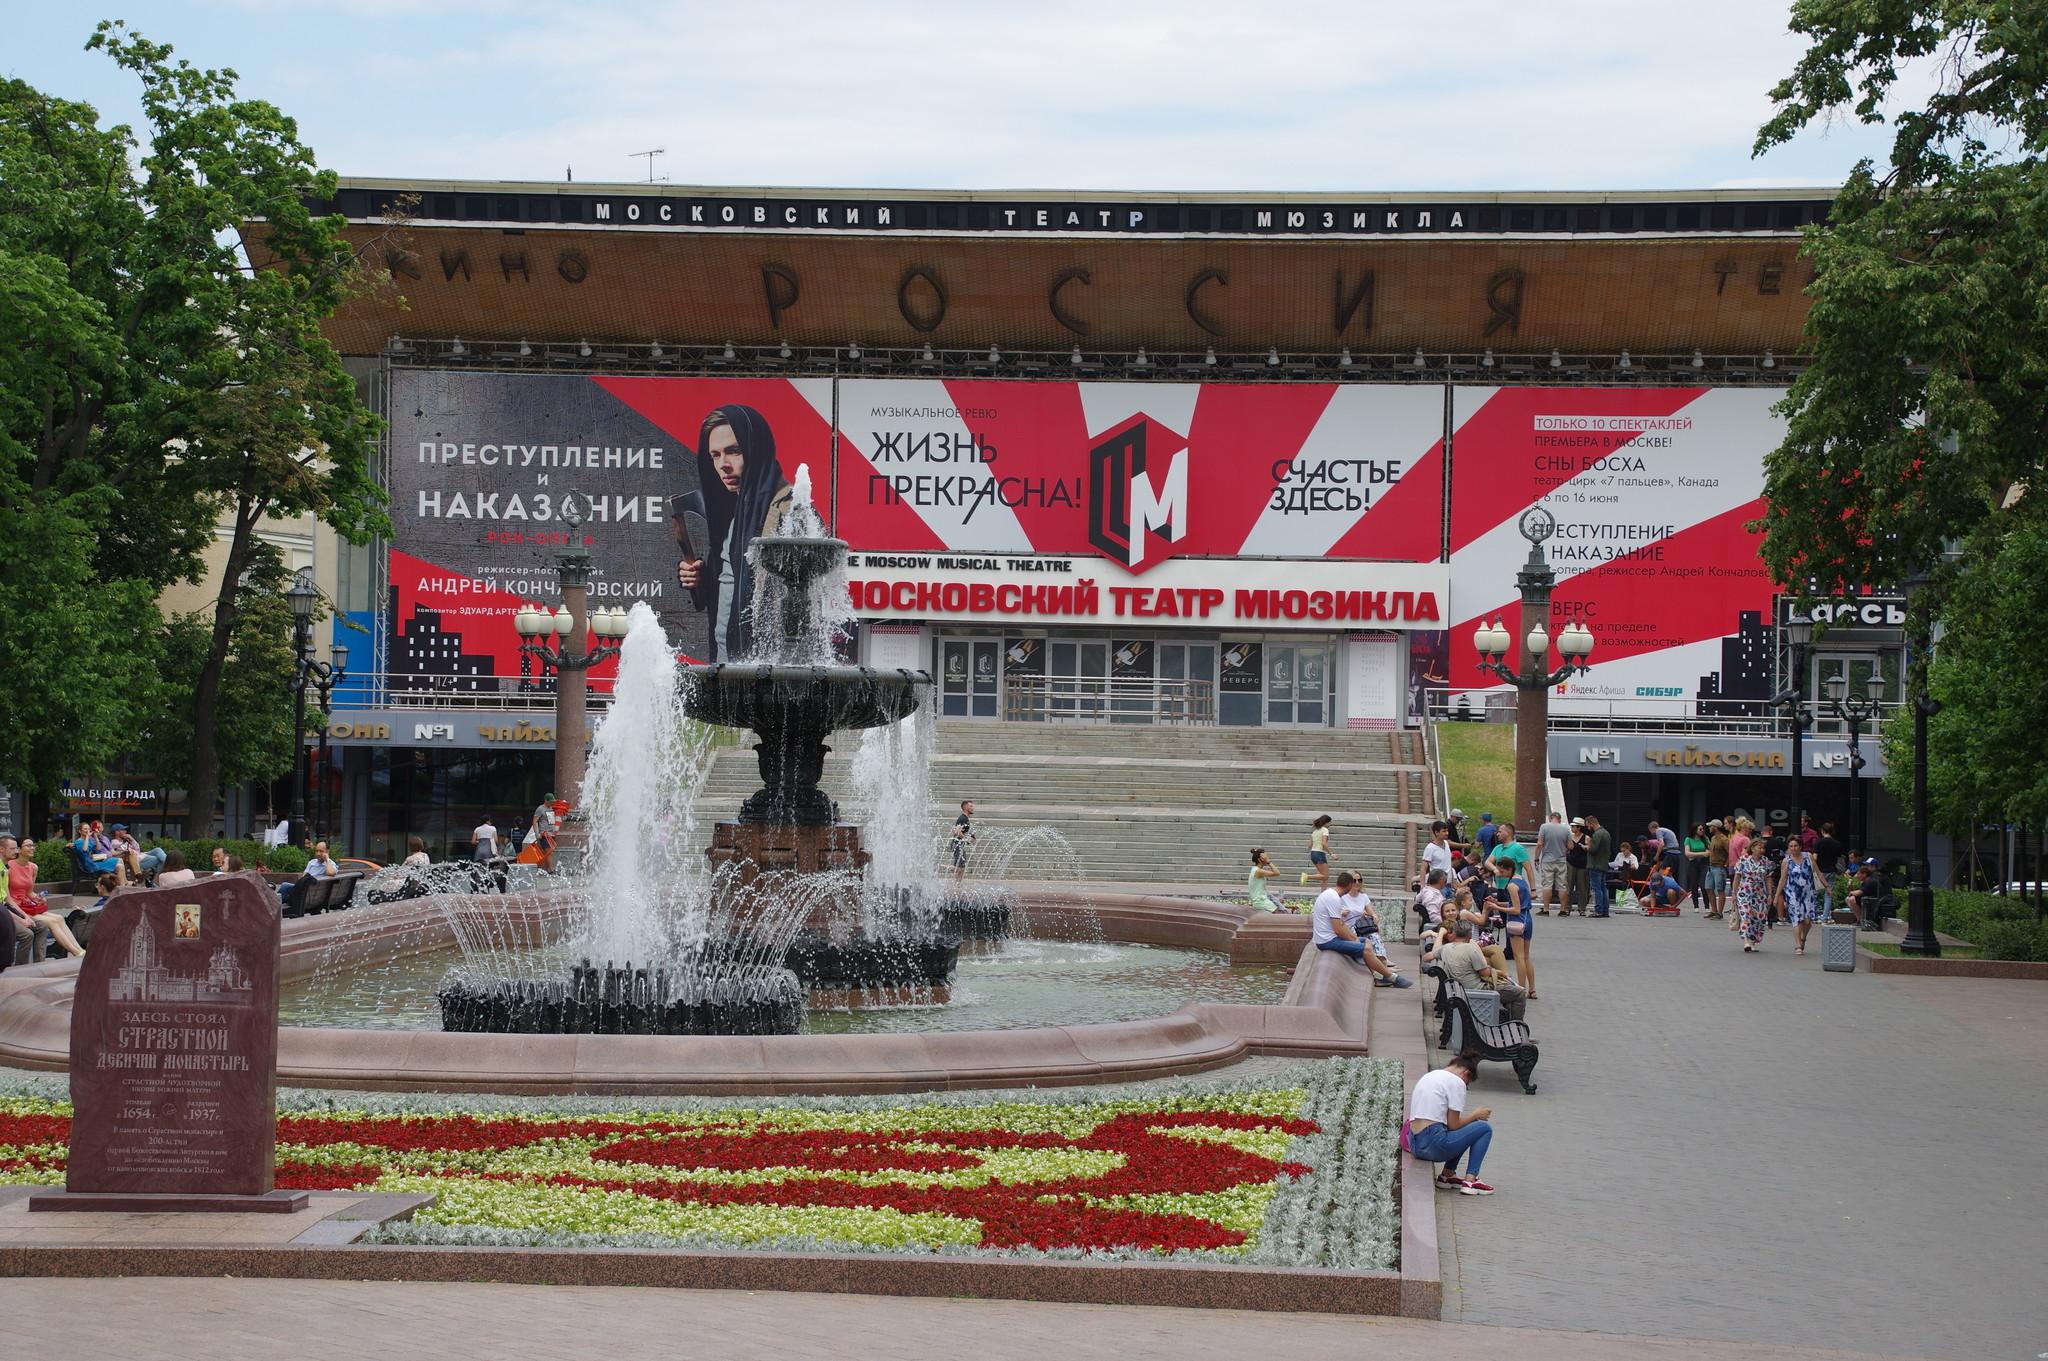 Московский театр мюзикла (Пушкинская площадь, дом 2)